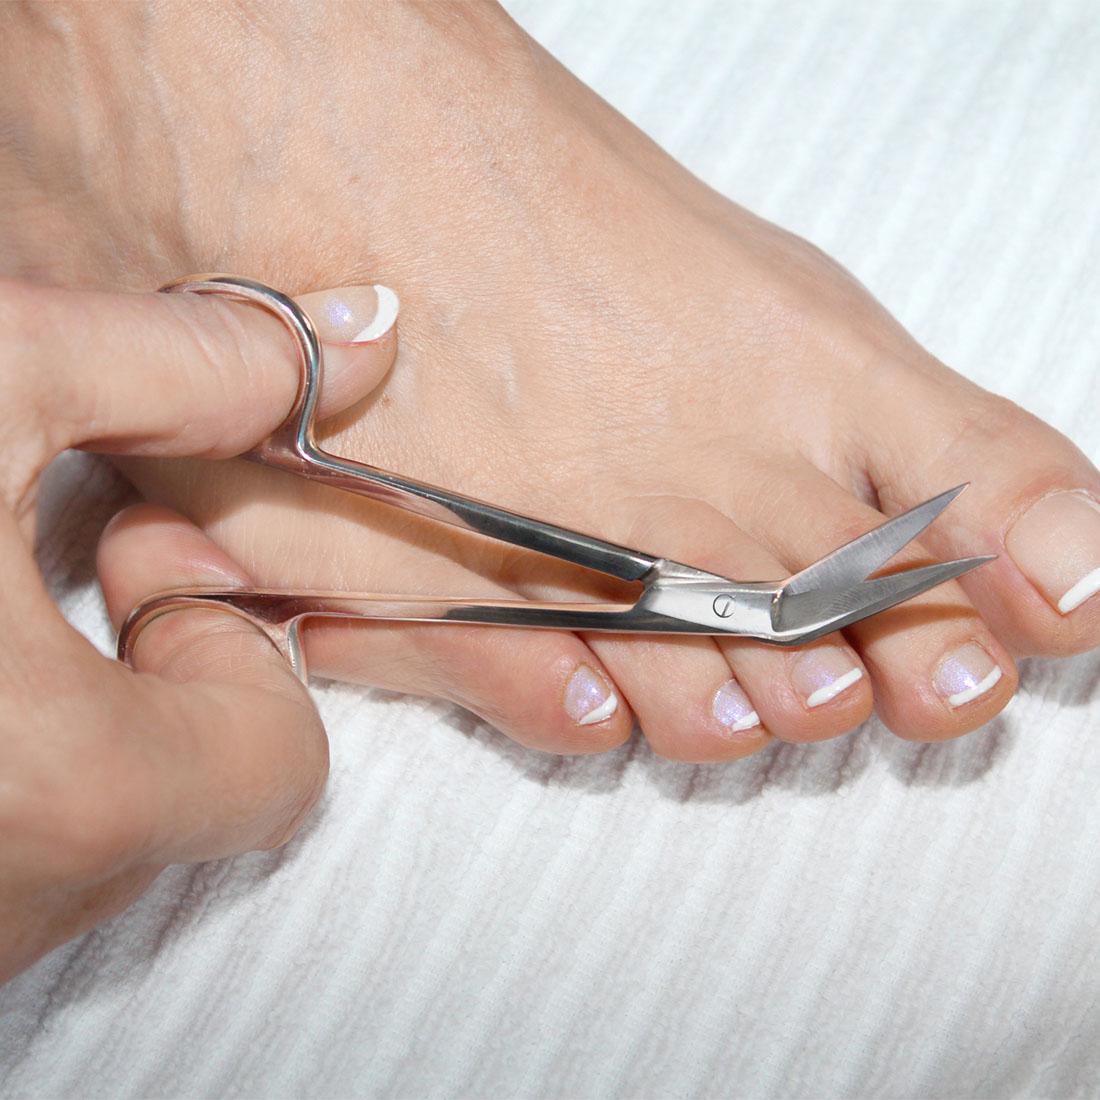 Как сделать правильно педикюр ножницы